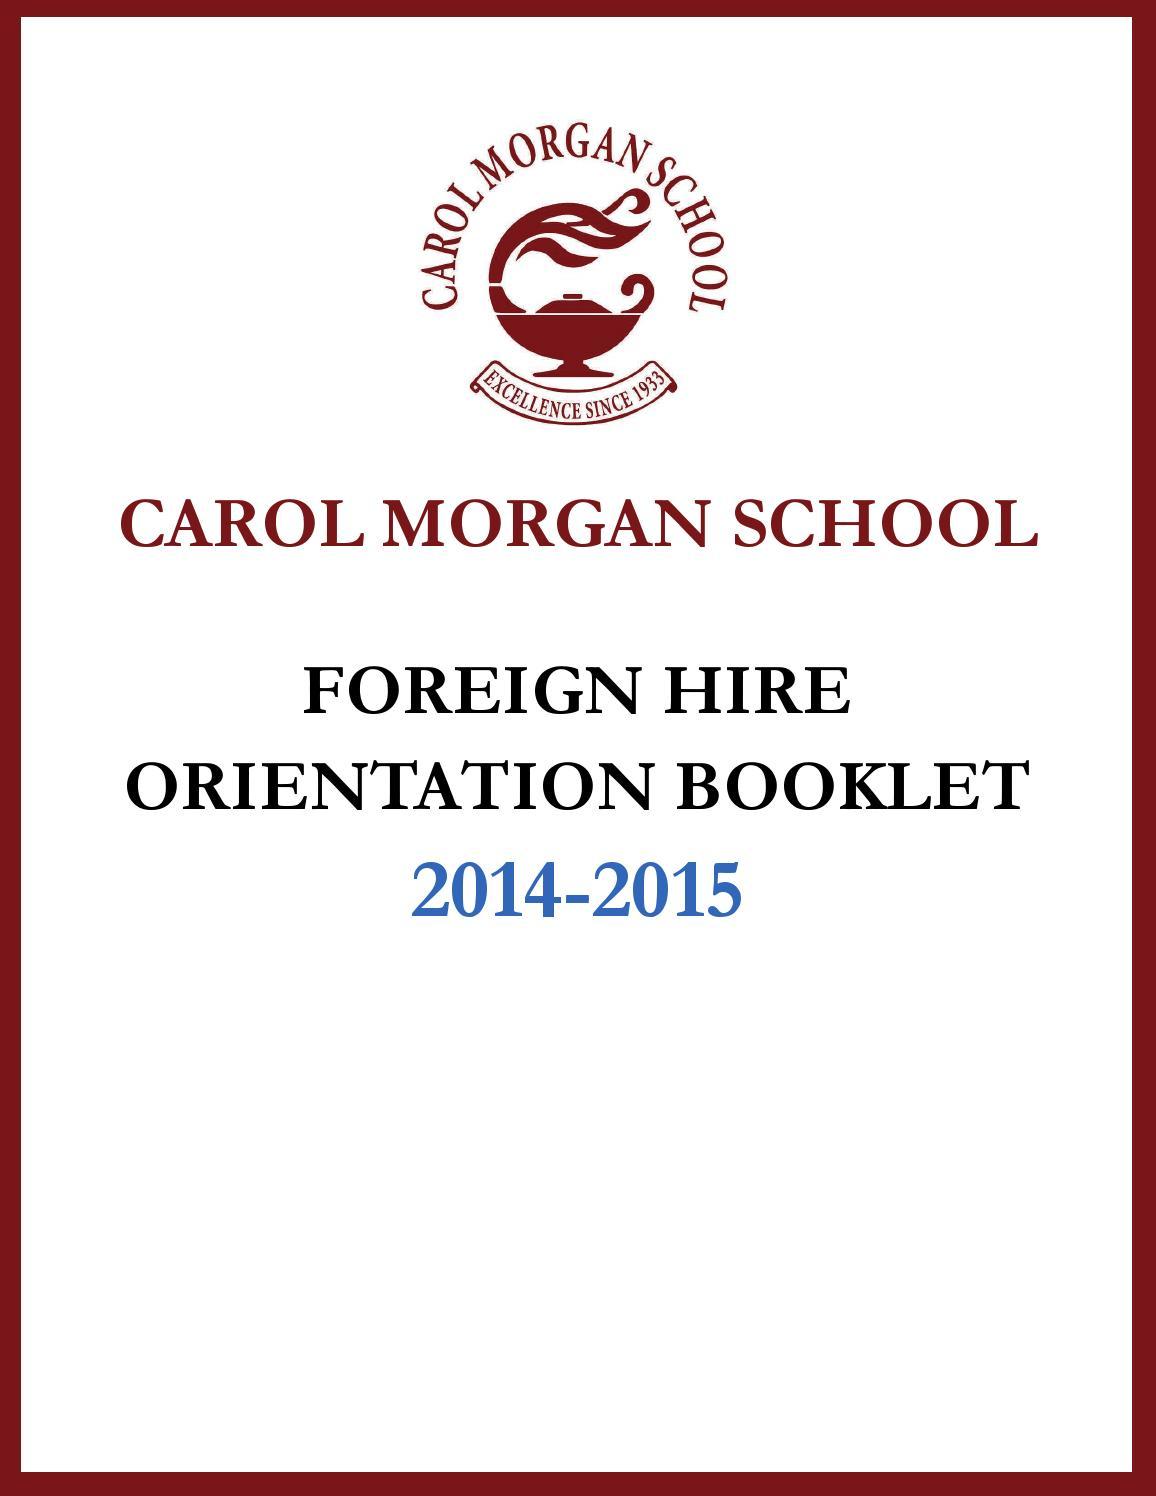 Orientation Booklet by Carol Morgan School - issuu